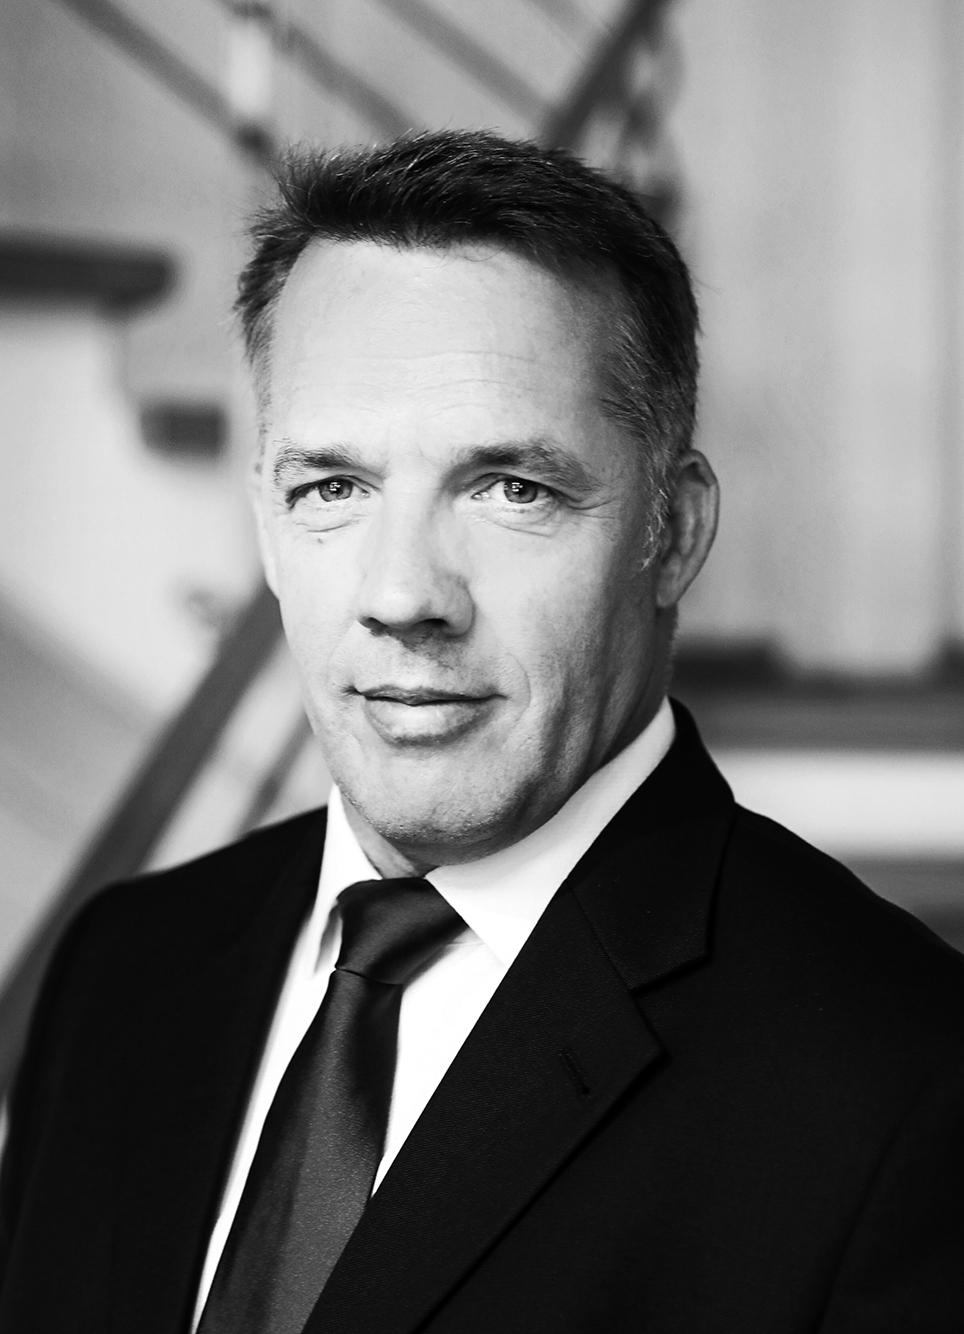 Dirk Forler